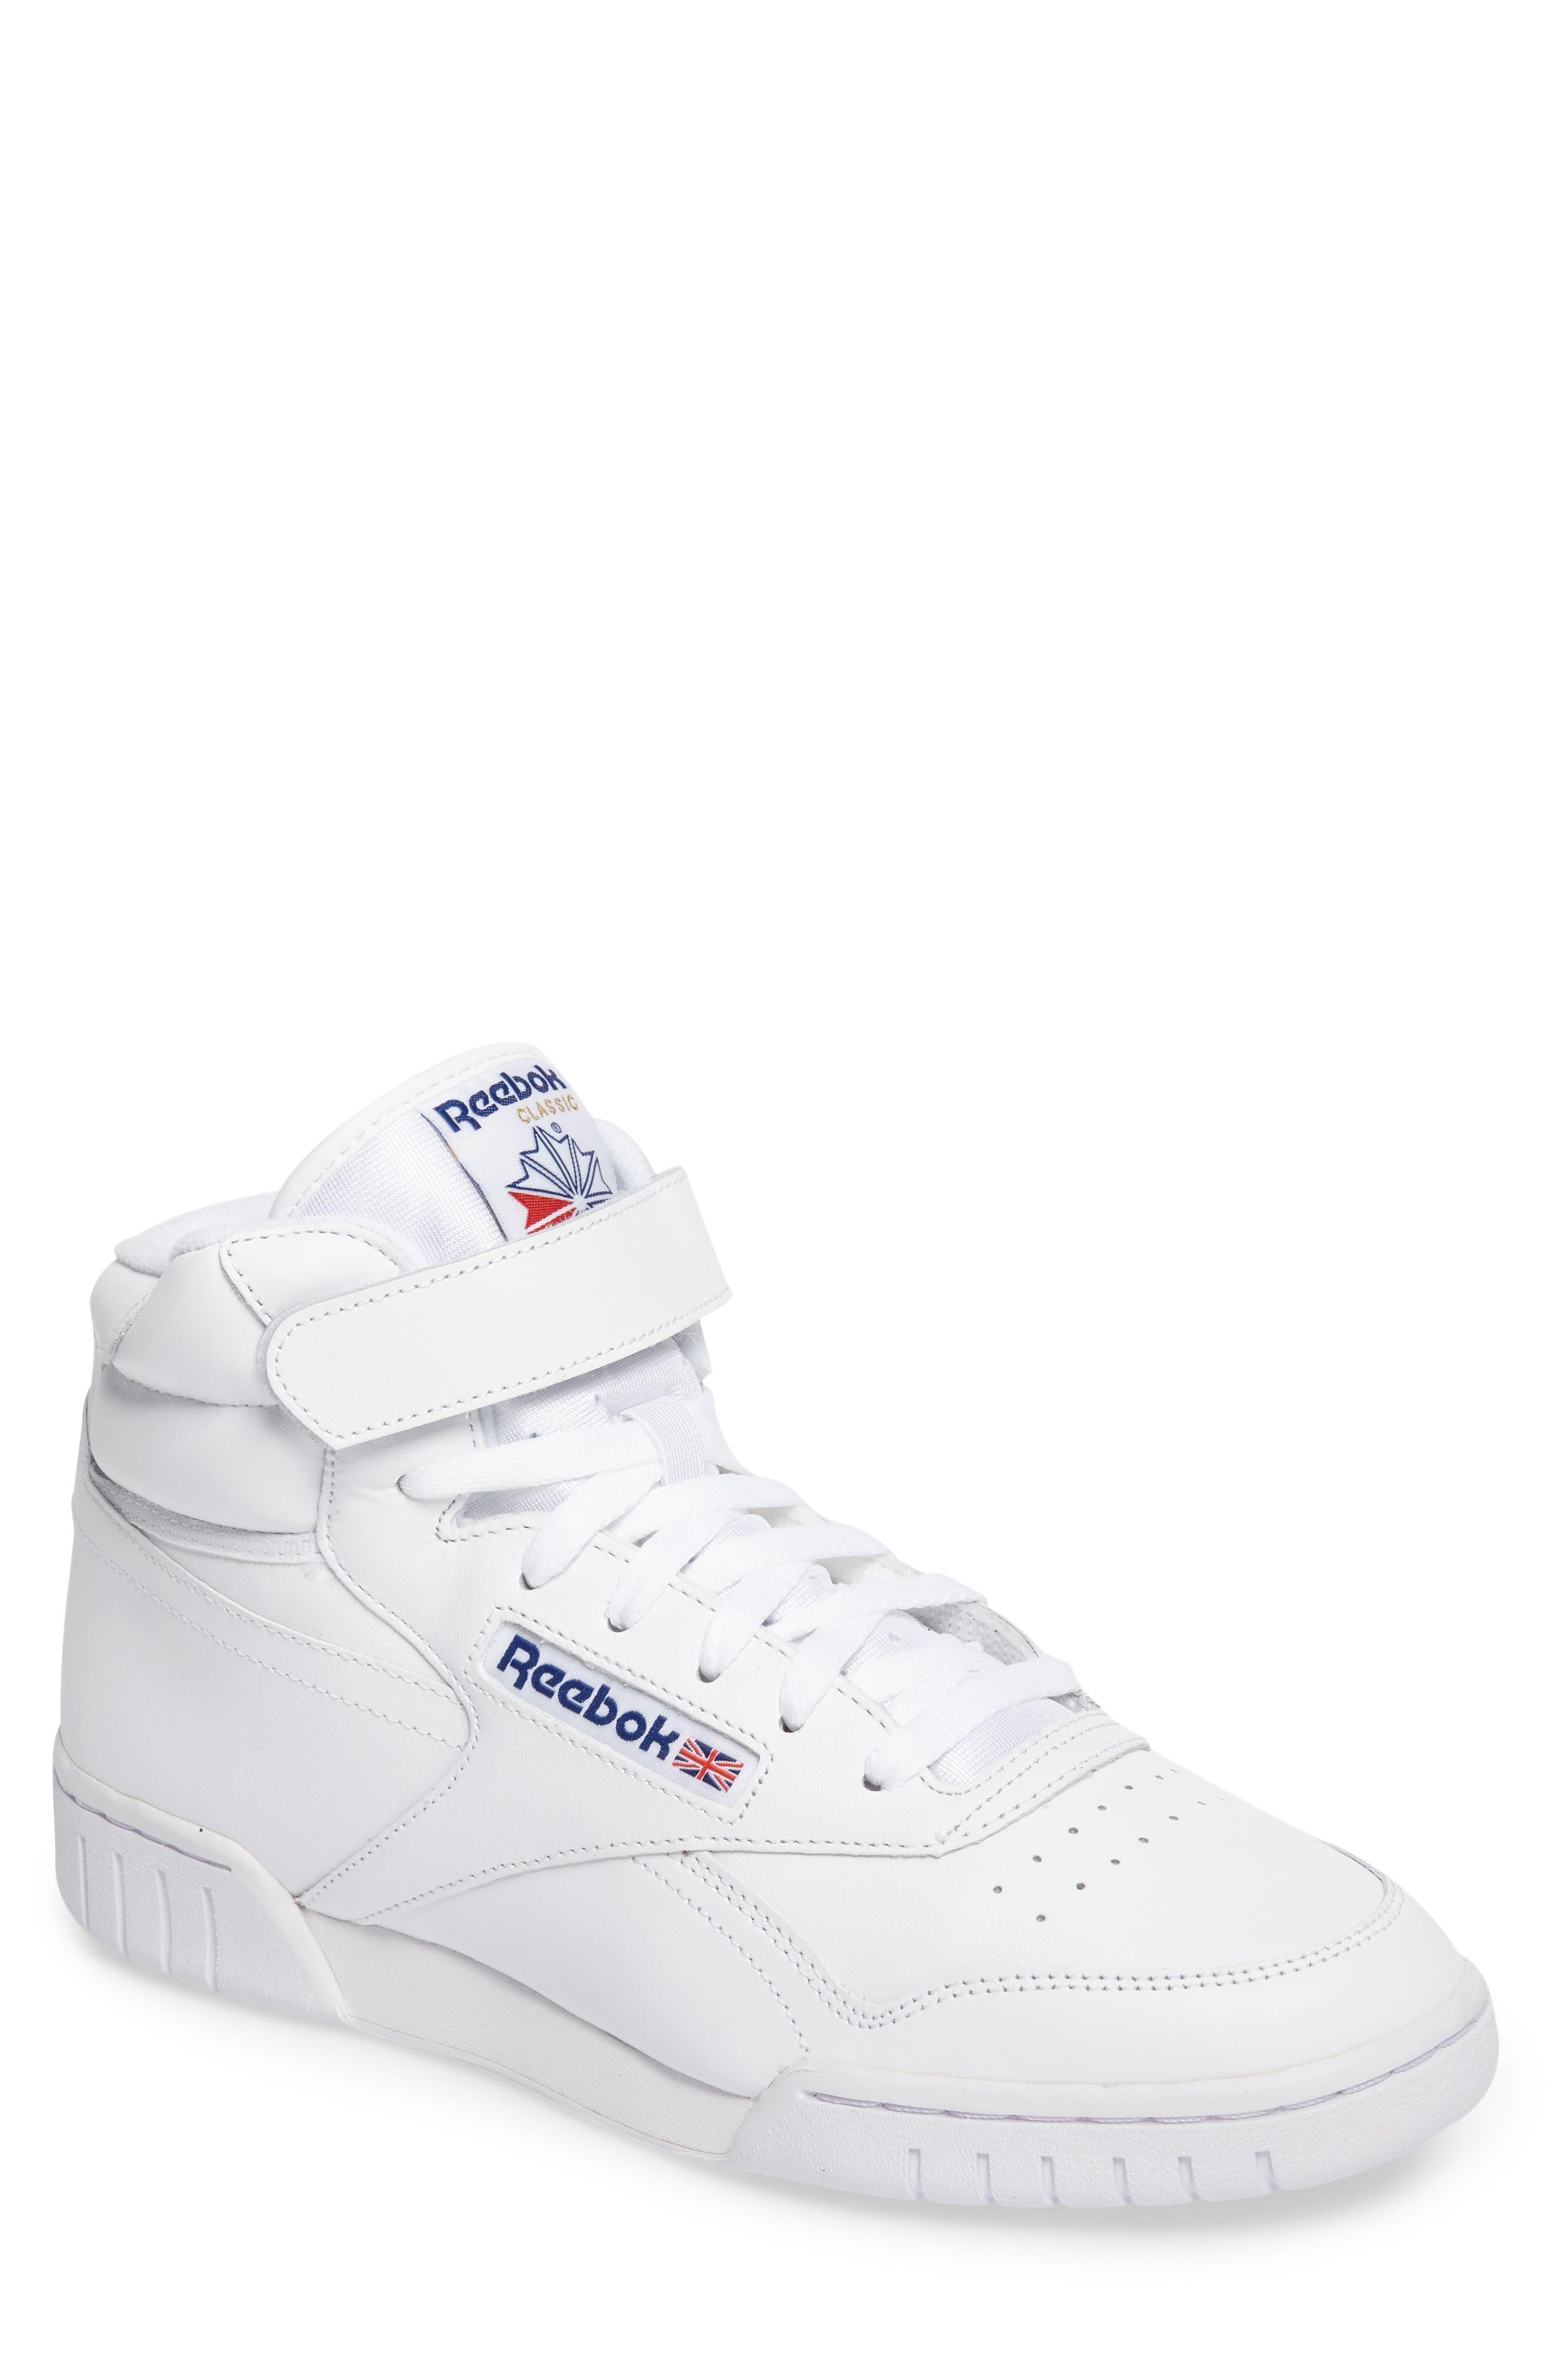 Alternate Image 1 Selected - Reebok Ex-O-Fit Hi Sneaker (Men)